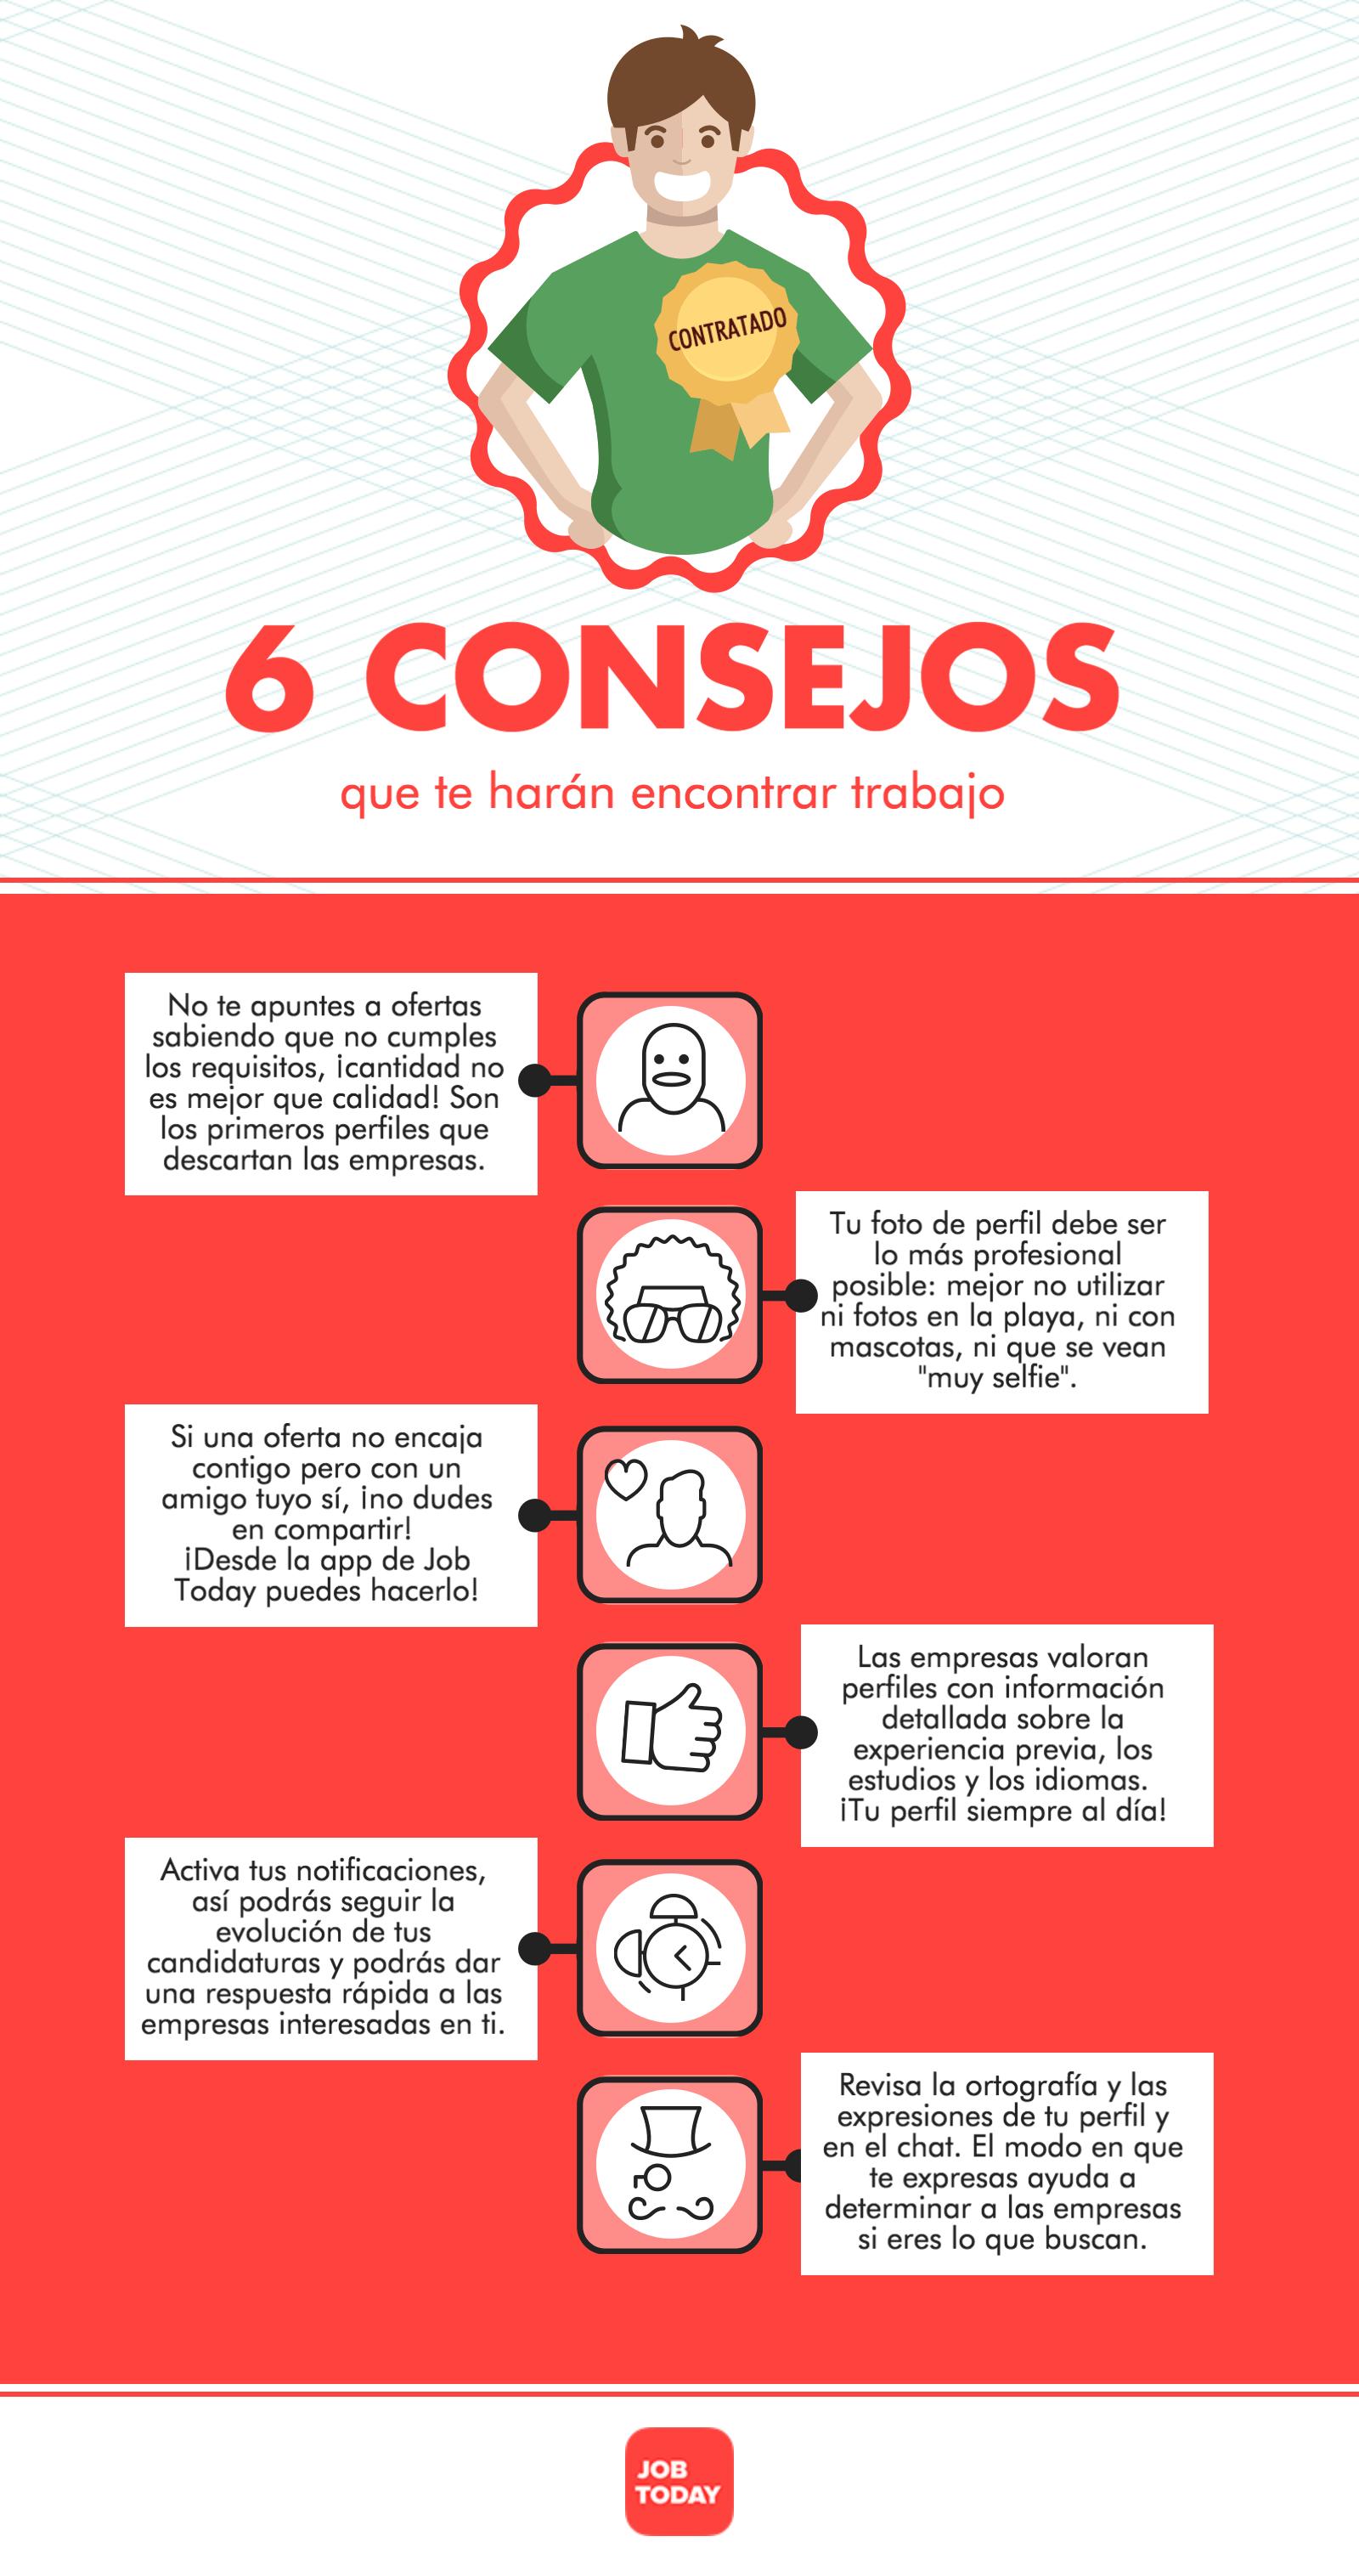 6 consejos para encontrar trabajo #infografia #infographic #empleo ...